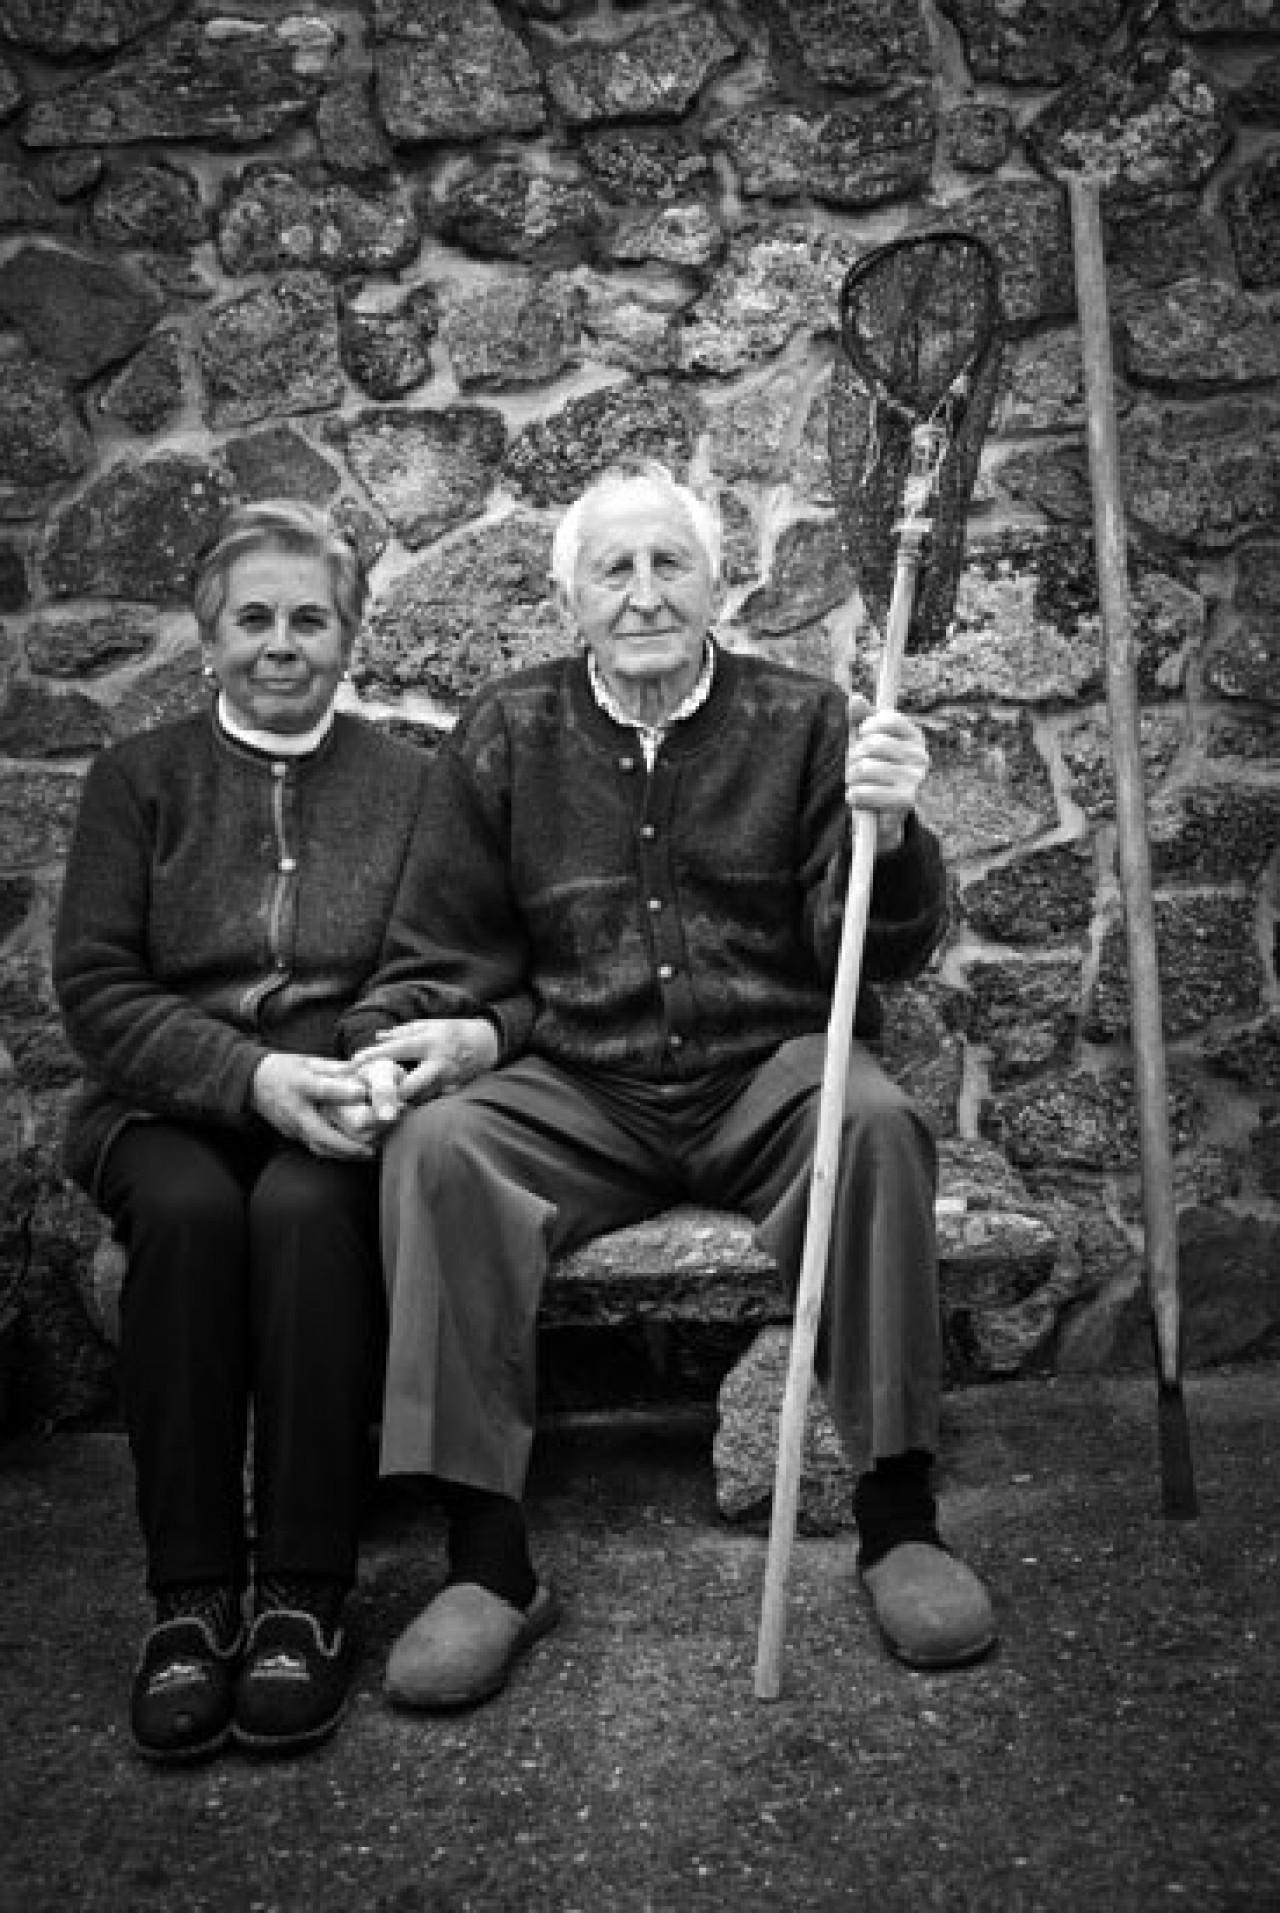 Benito do Marinero e Manola de Marcelino - Benito López Díaz e Manola Hermida Iglesias (1926, 1927)